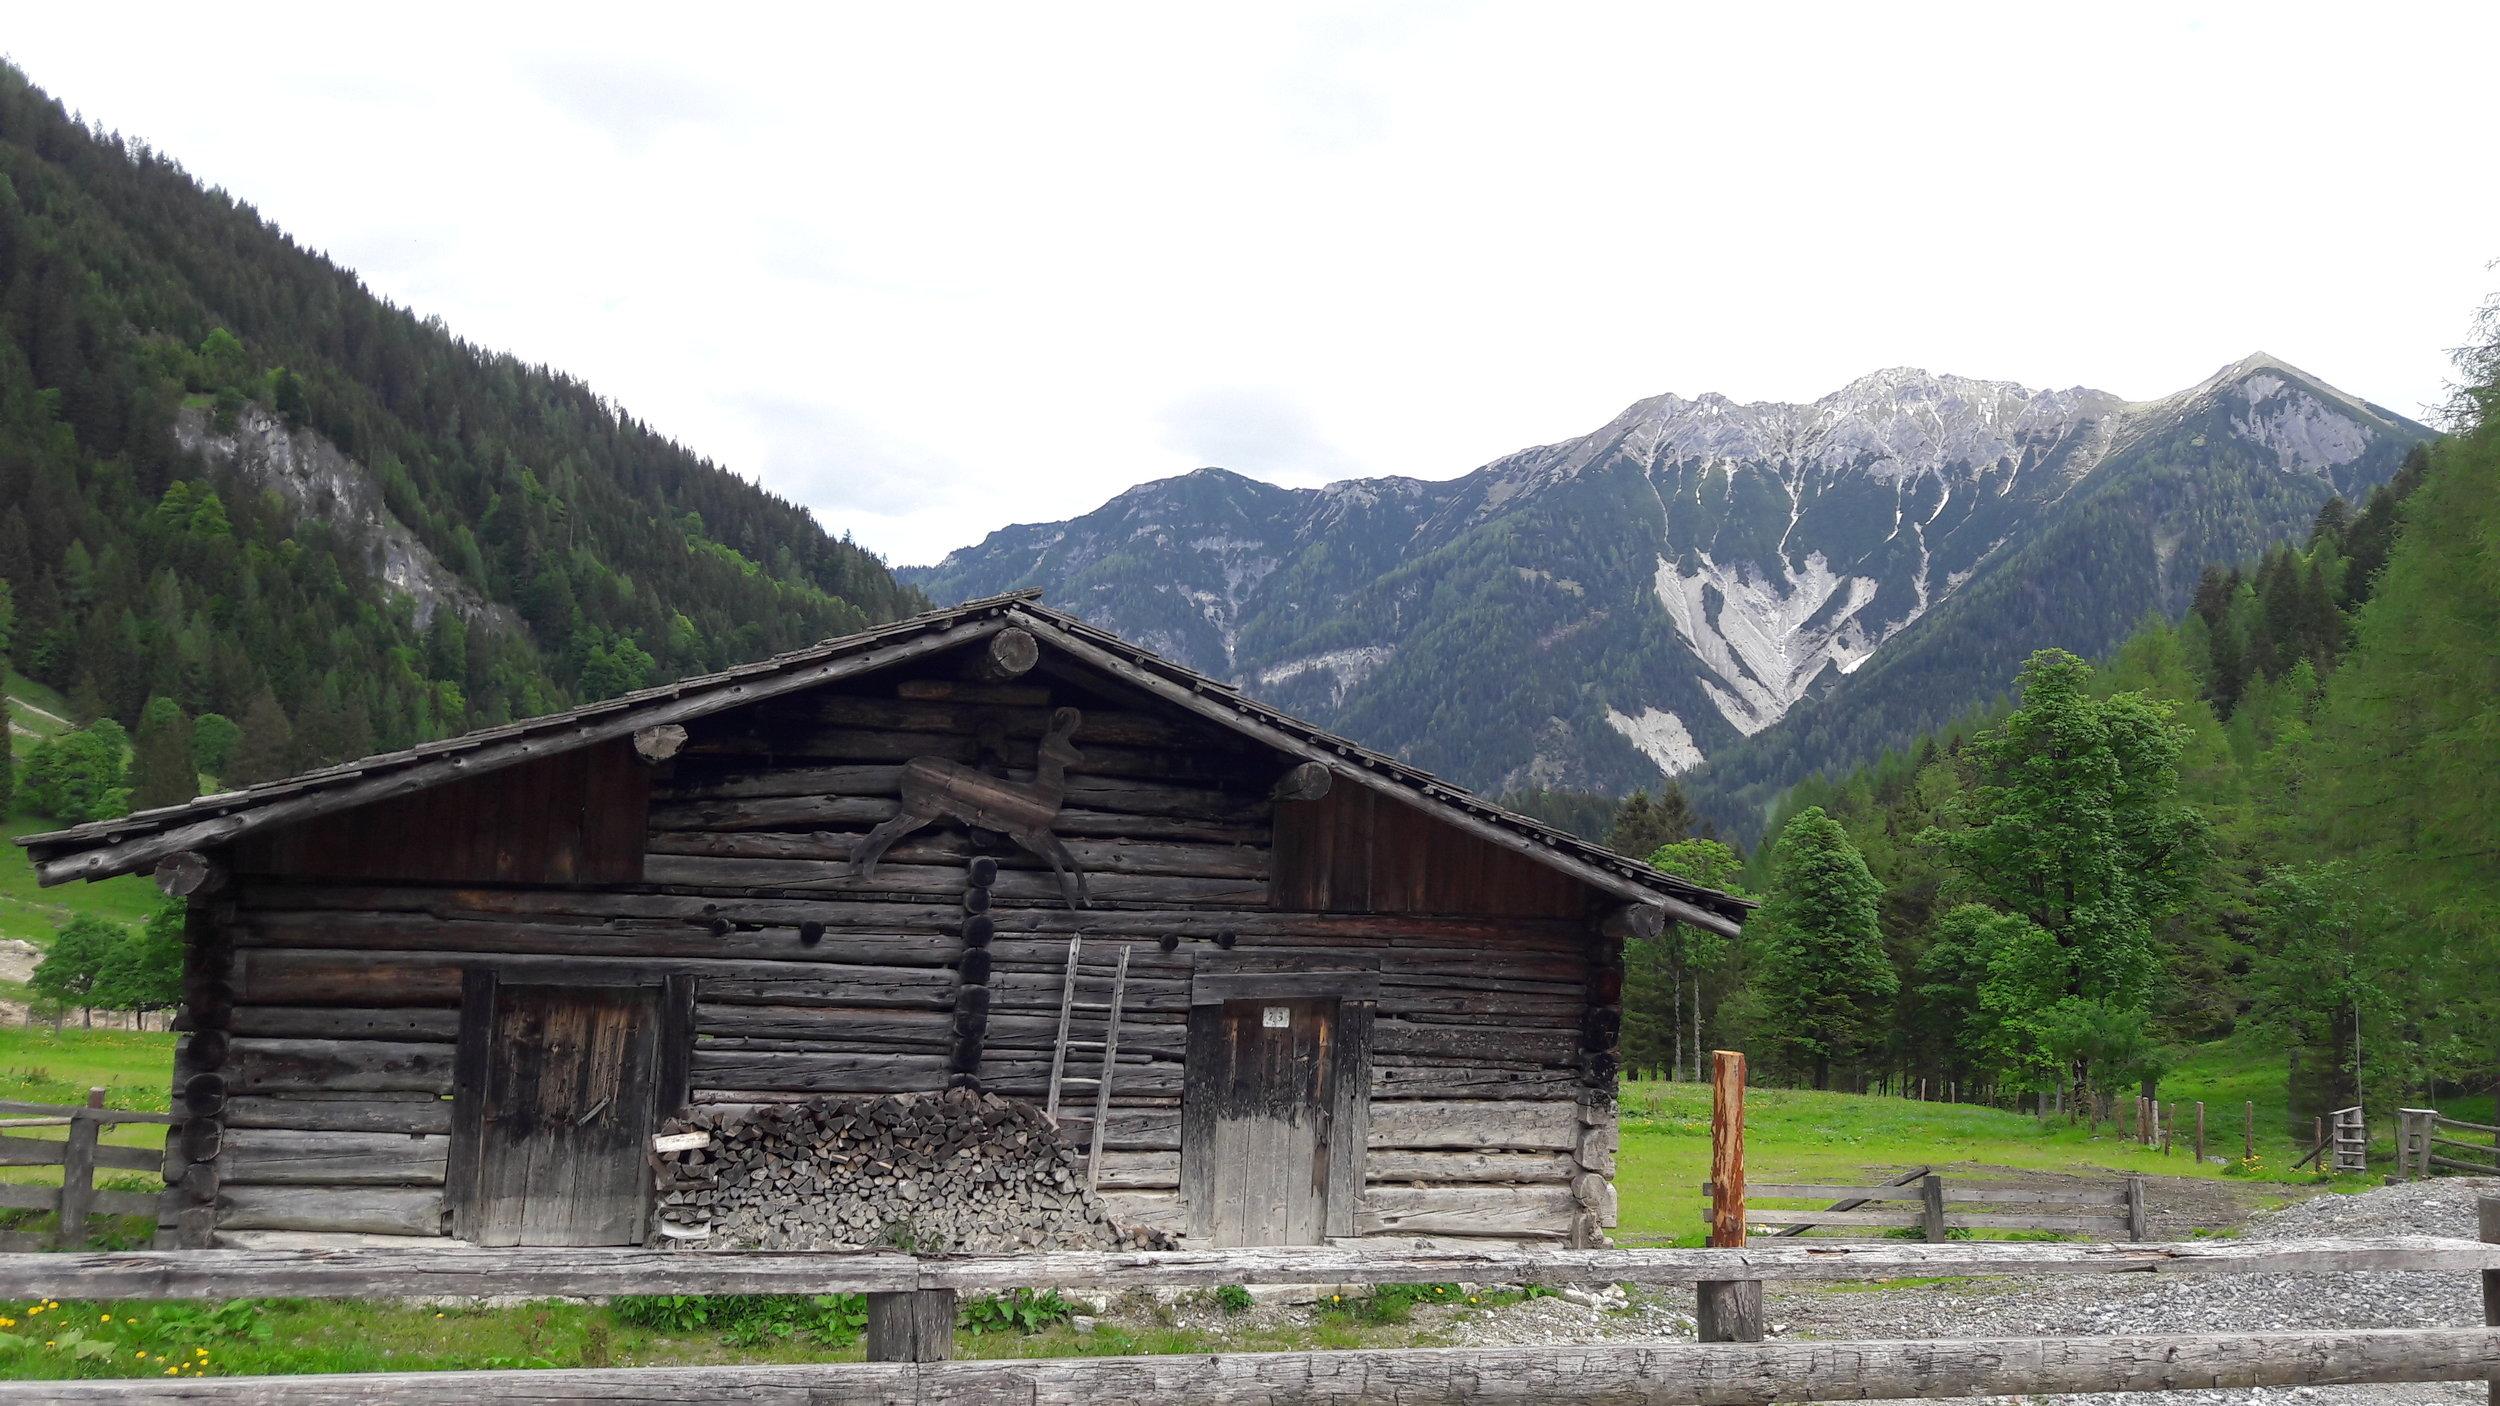 Marbachquelle, Austria May 2018